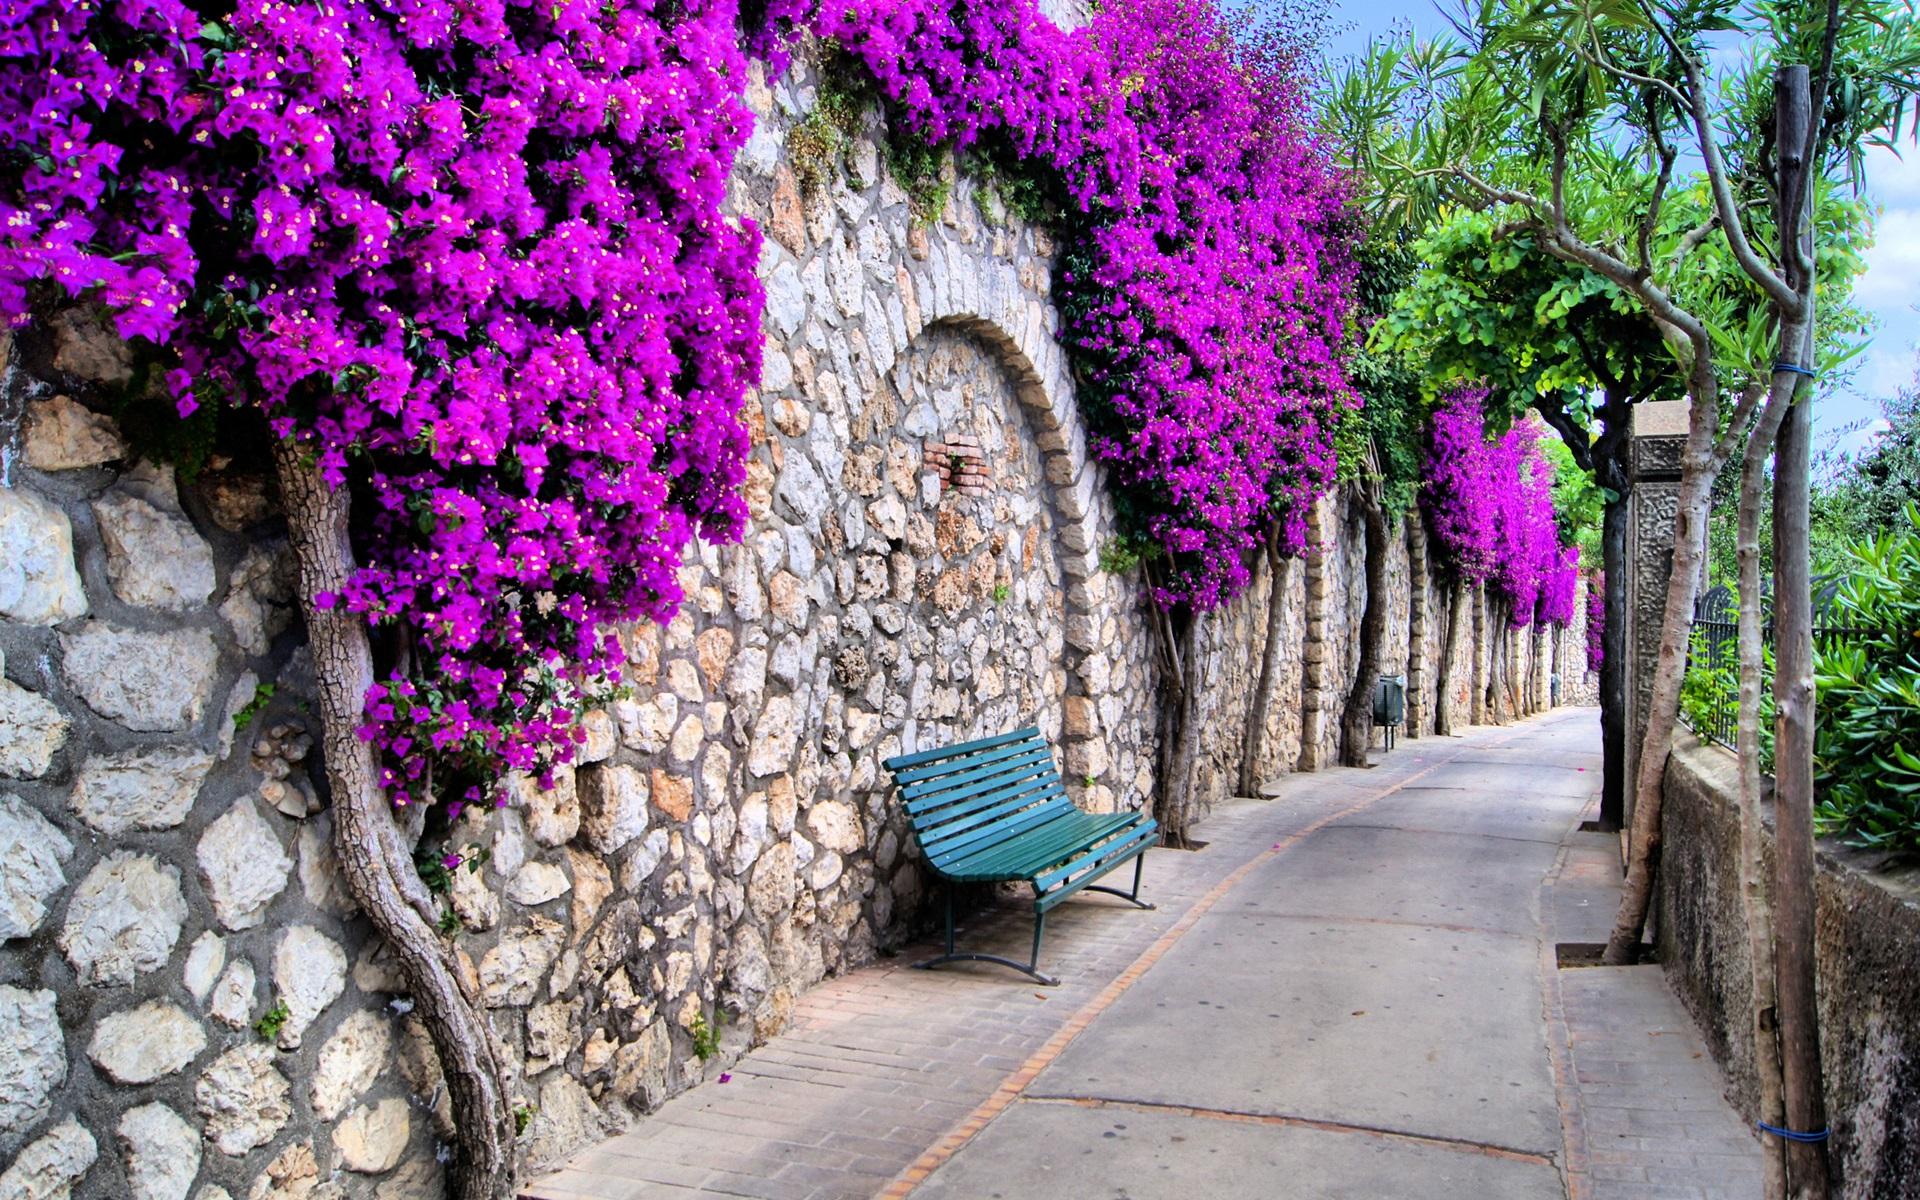 Adquiere Aqui Estos Fondos De Pantalla Con Flores Hermosas: Fondos De Pantalla Hermosa Ciudad, Italia, Calles